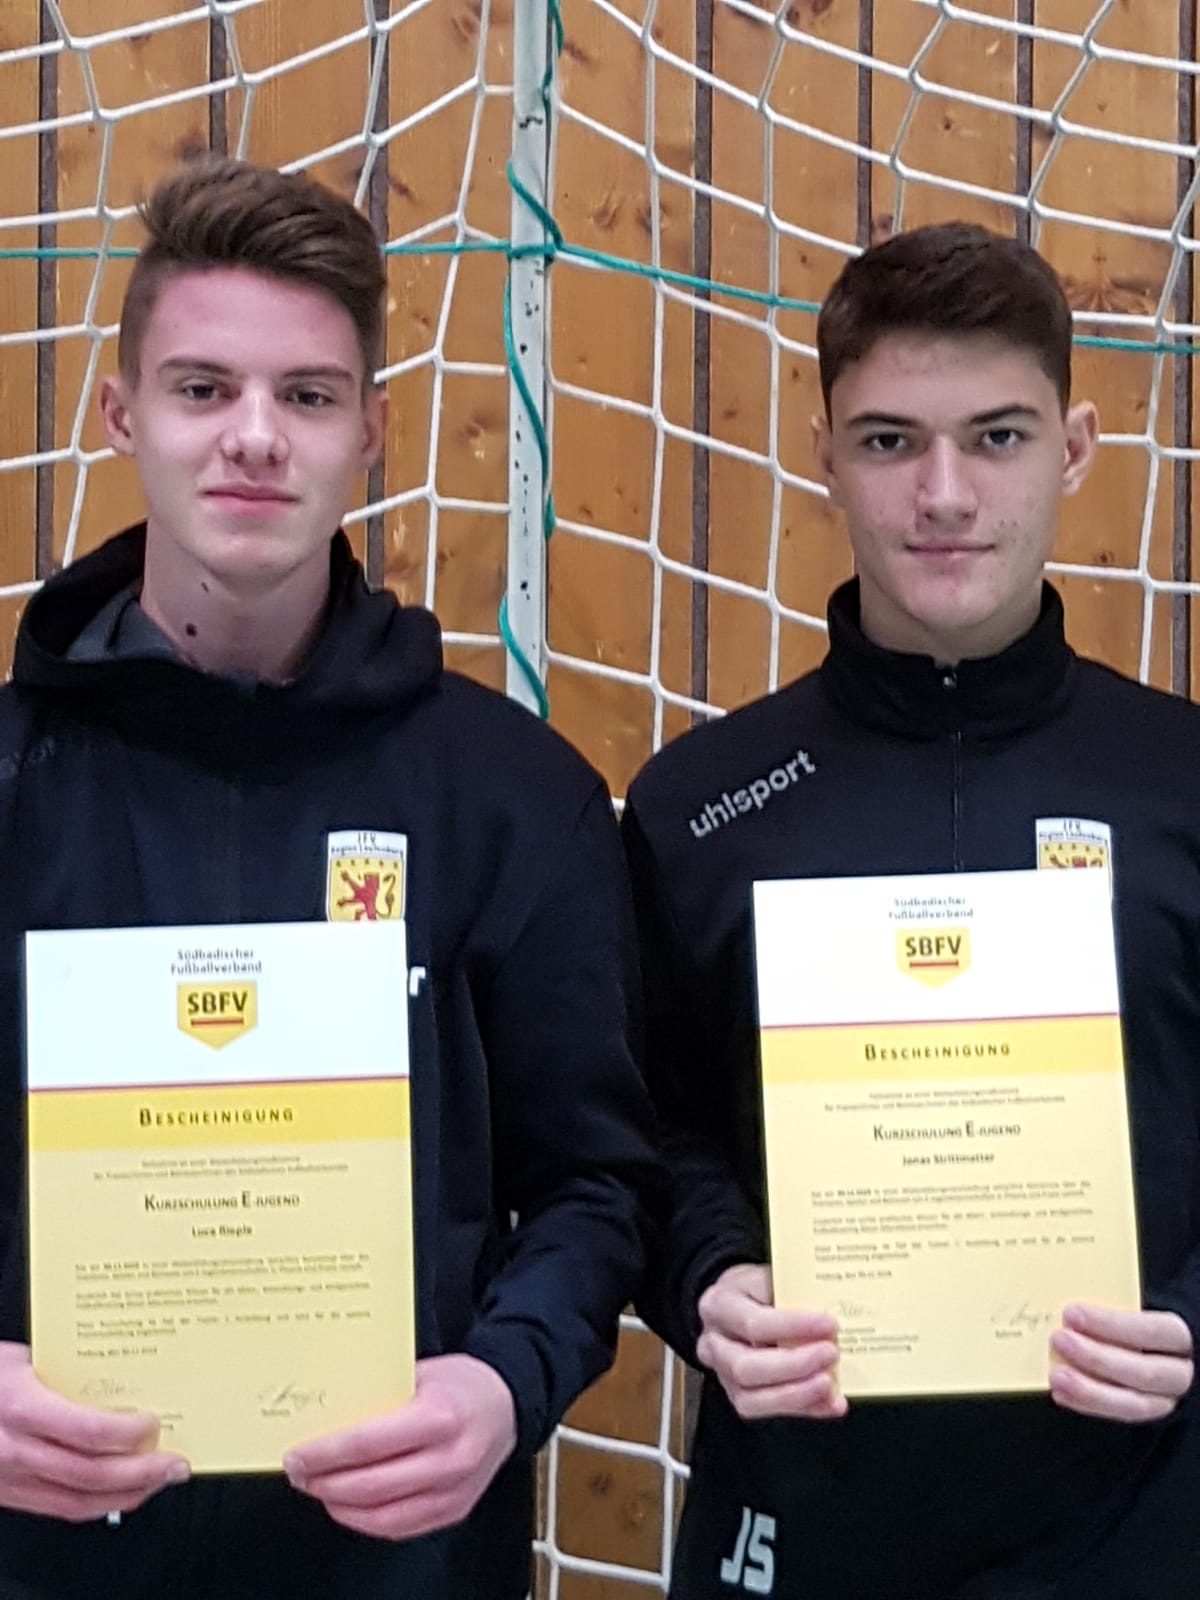 Luca Rieple und Jonas Strittmatter absolvieren erfolgreich SBFV-Trainerschulung